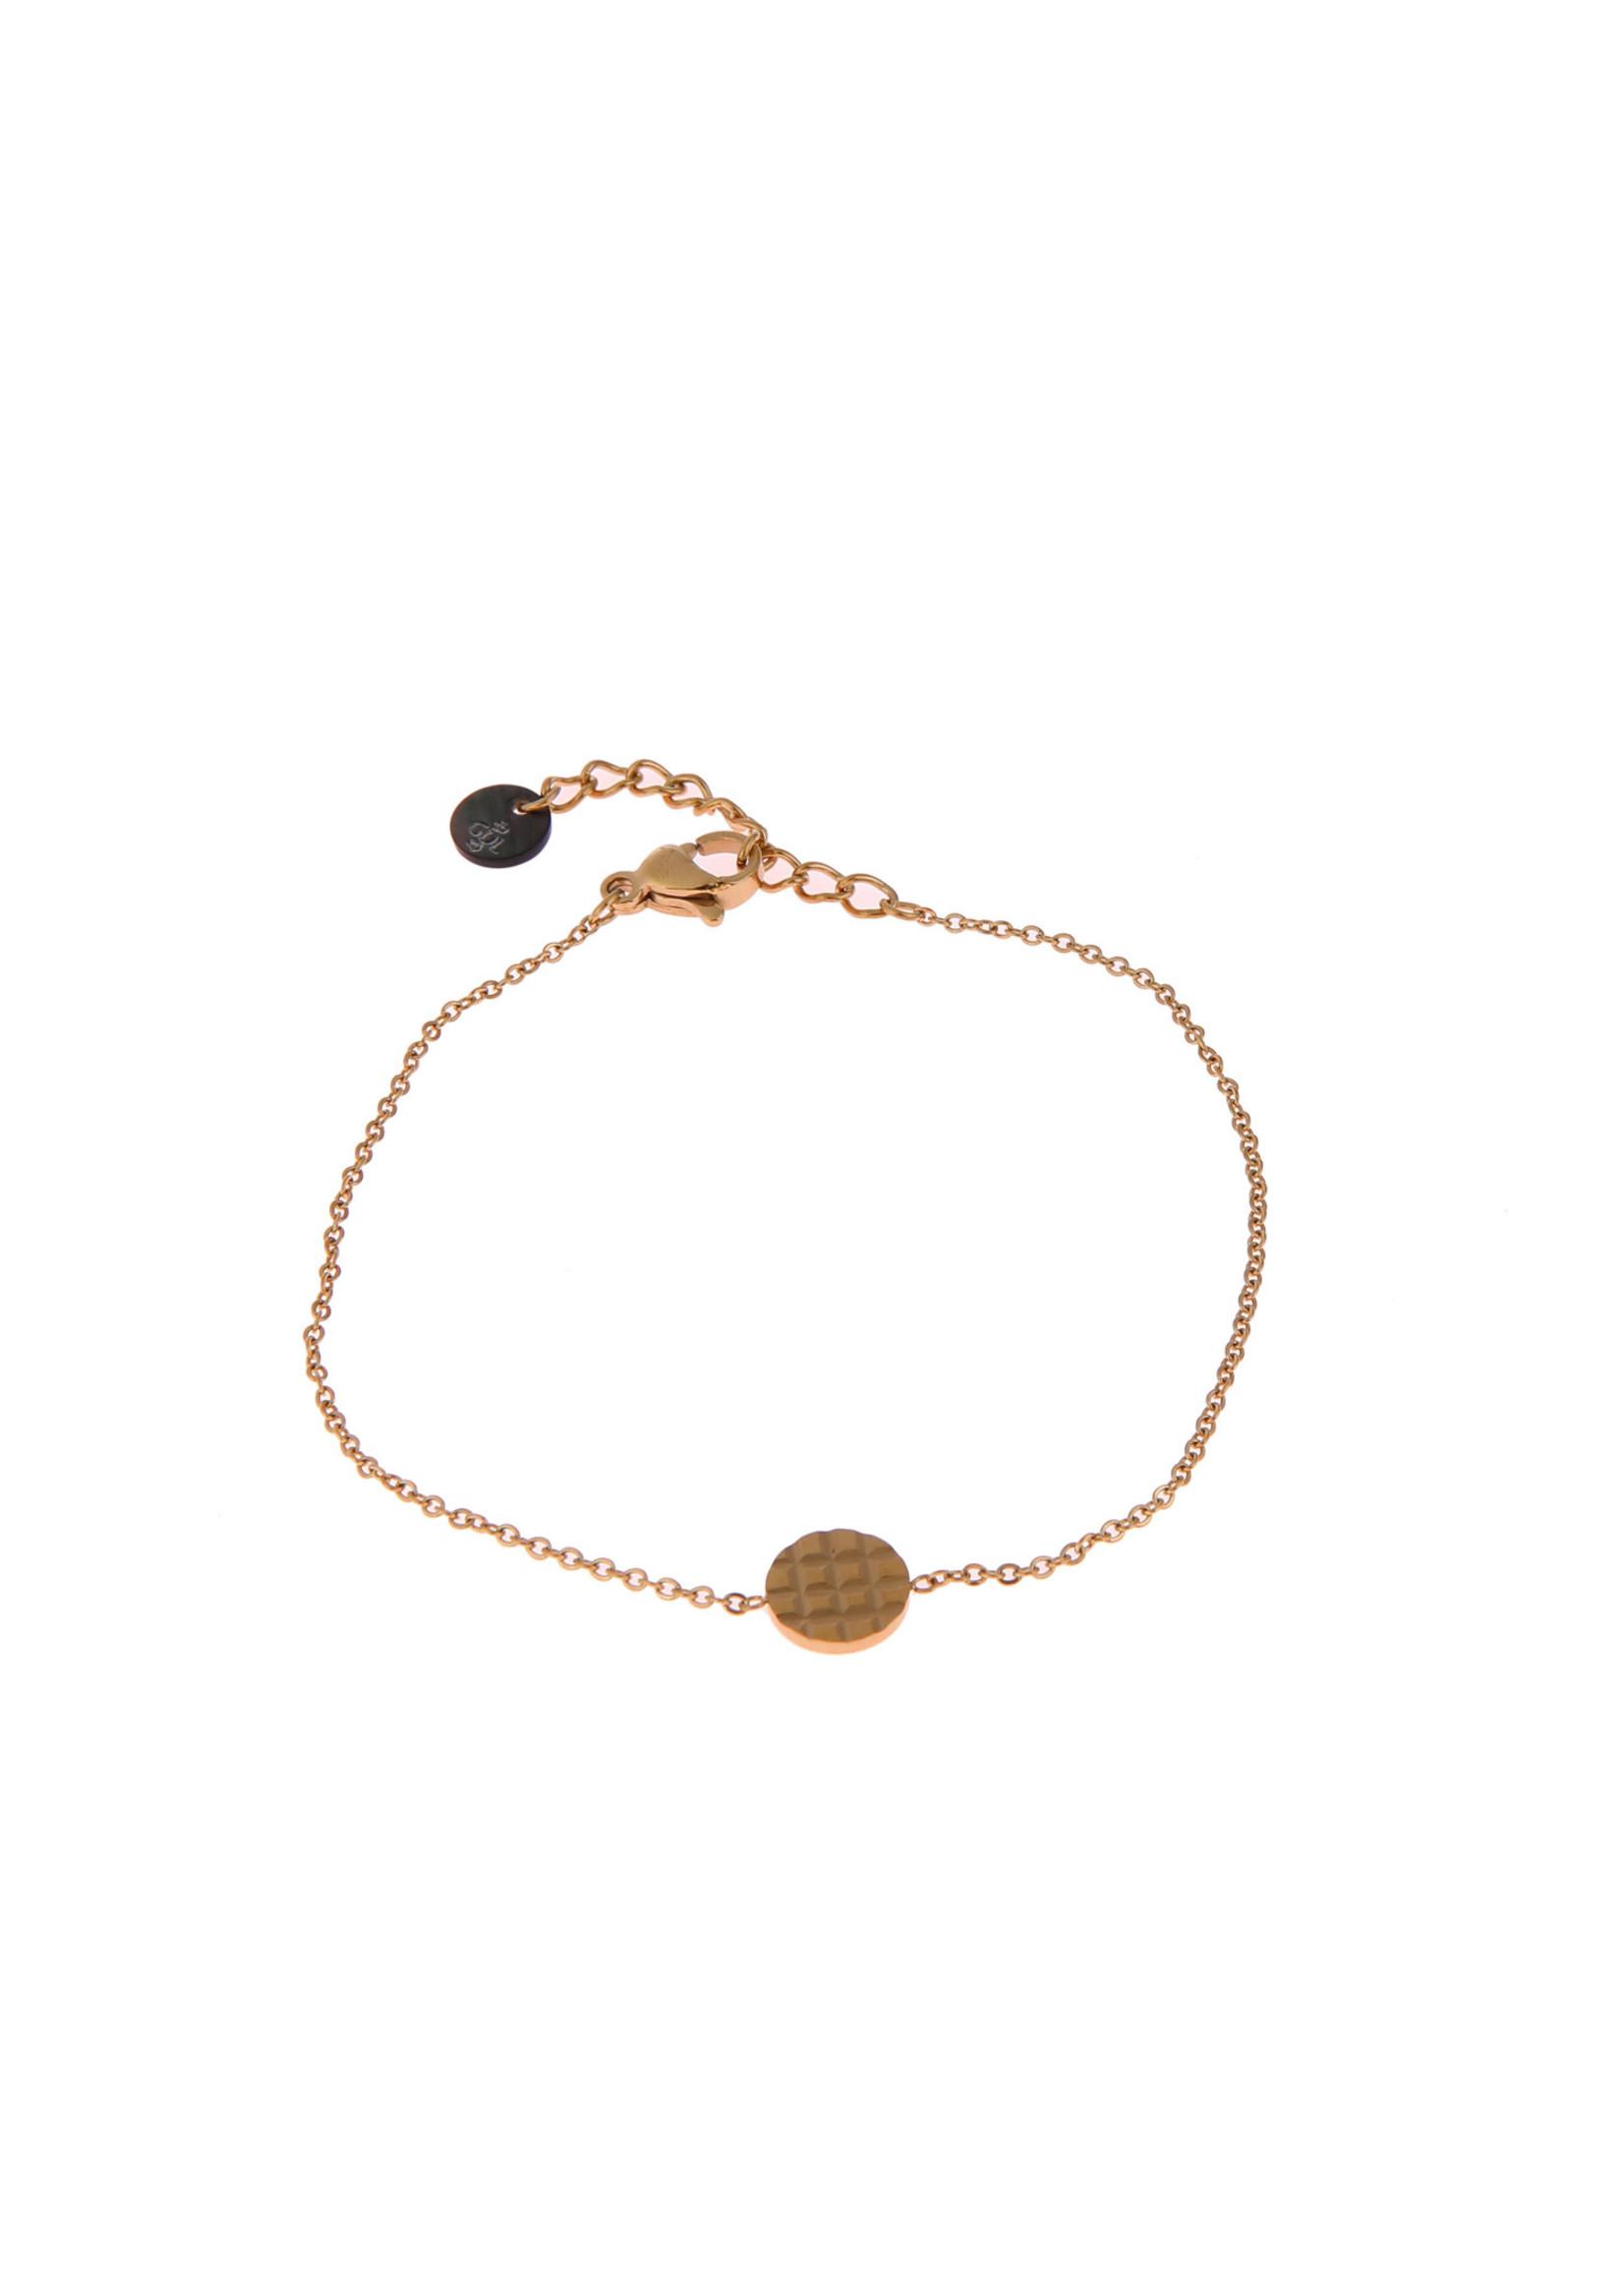 Armband goud rondje met wafelpatroon  B0895-2